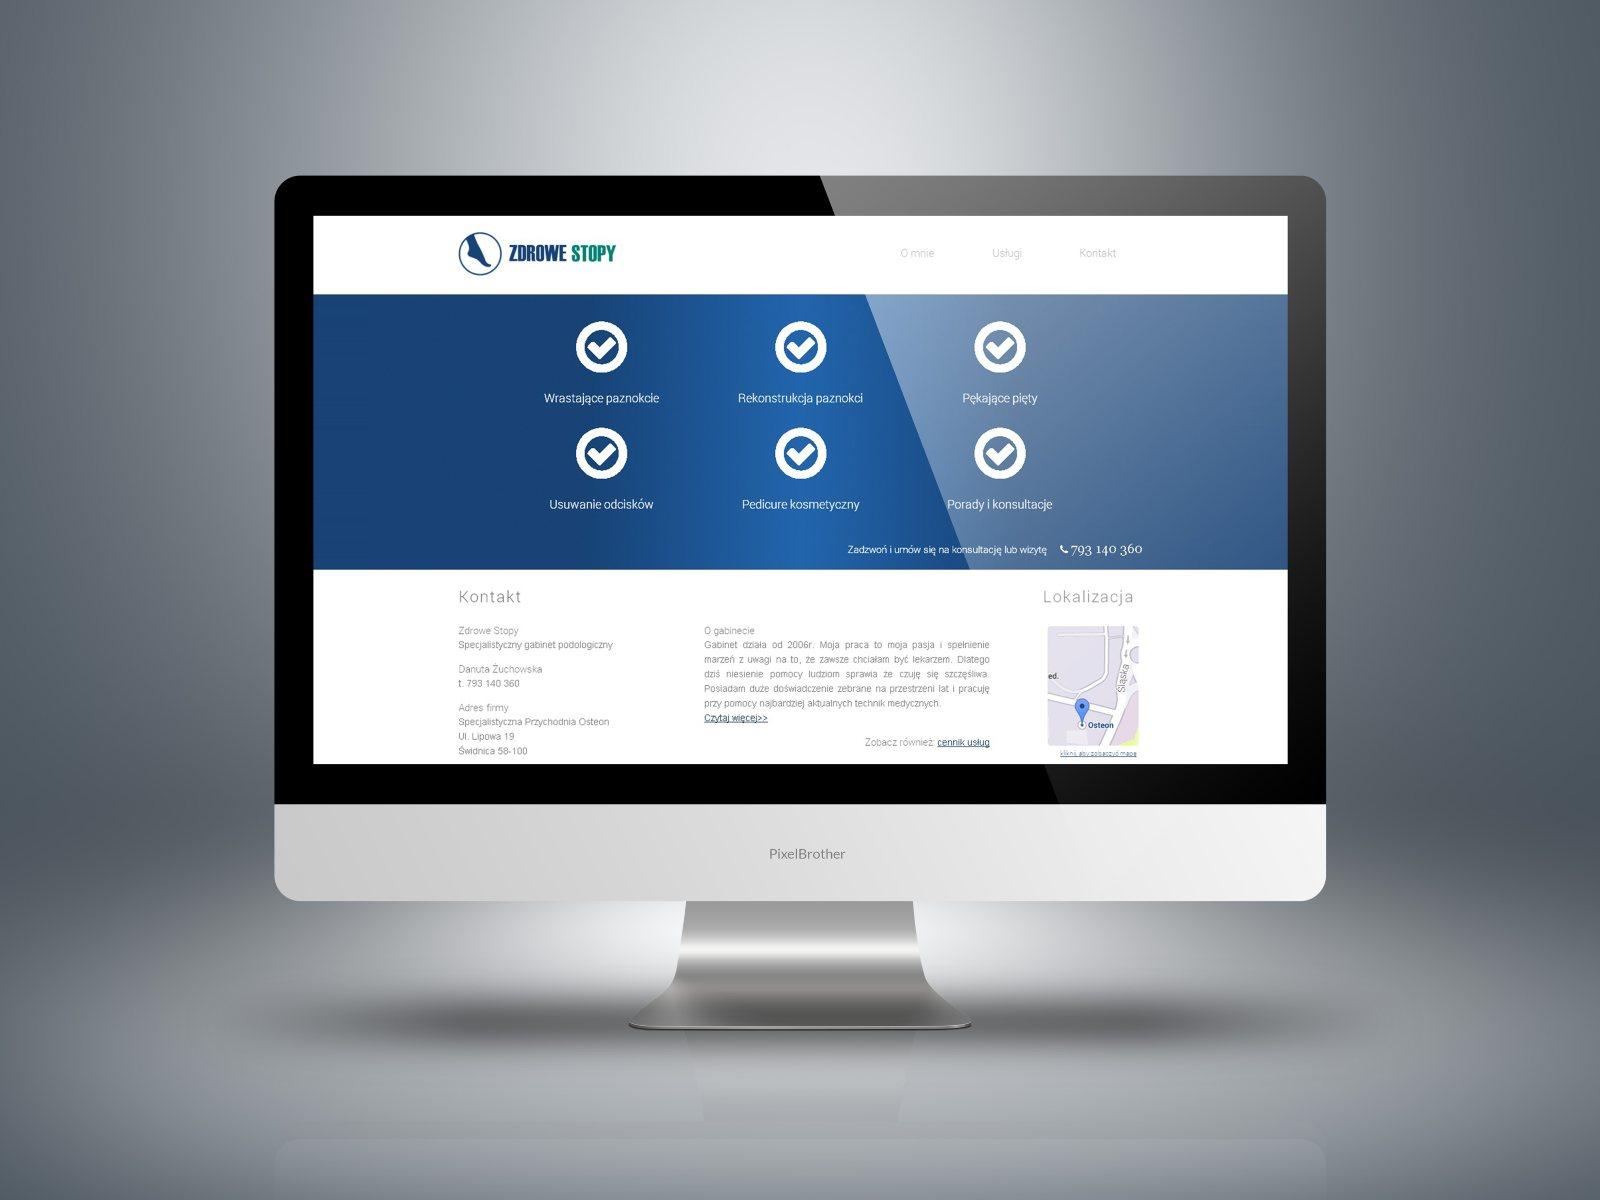 strona internetowa zdrowe stopy